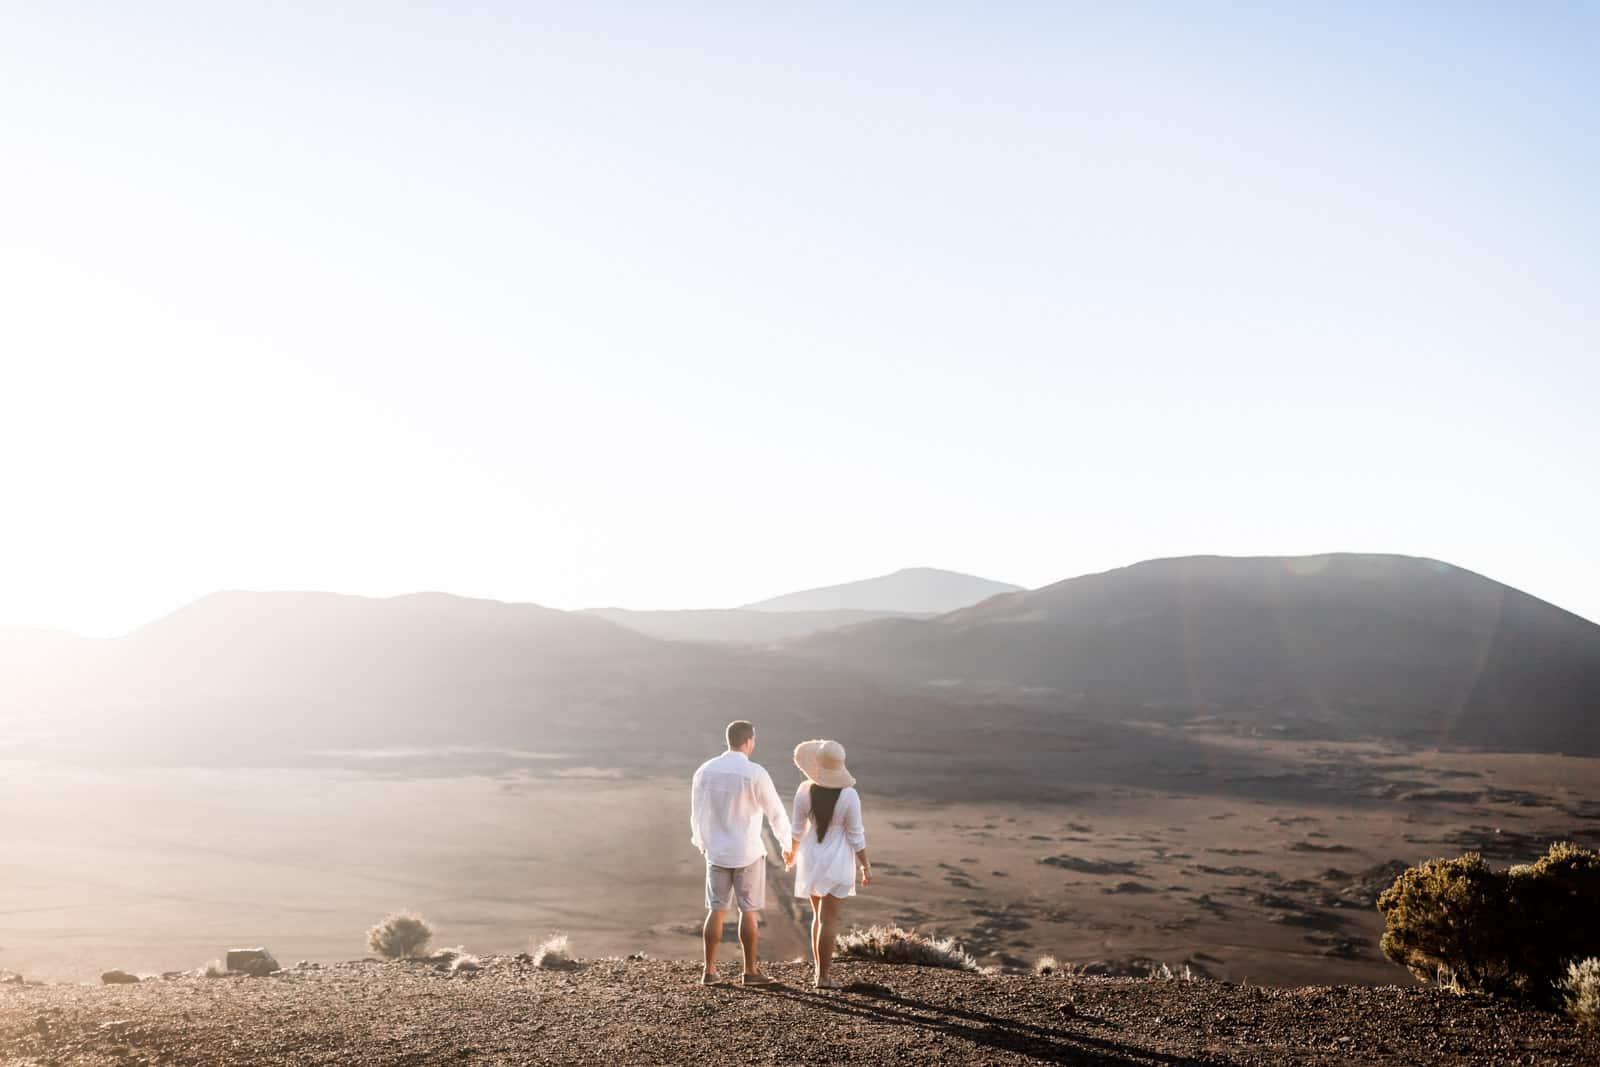 Photographie de Mathieu Dété, photographe de mariage et famille à Saint-Gilles sur l'île de la Réunion 974, présentant un couple qui se tient par la main et qui regarde la route du volcan, le Piton de la Fournaise et la Plaine des Sables